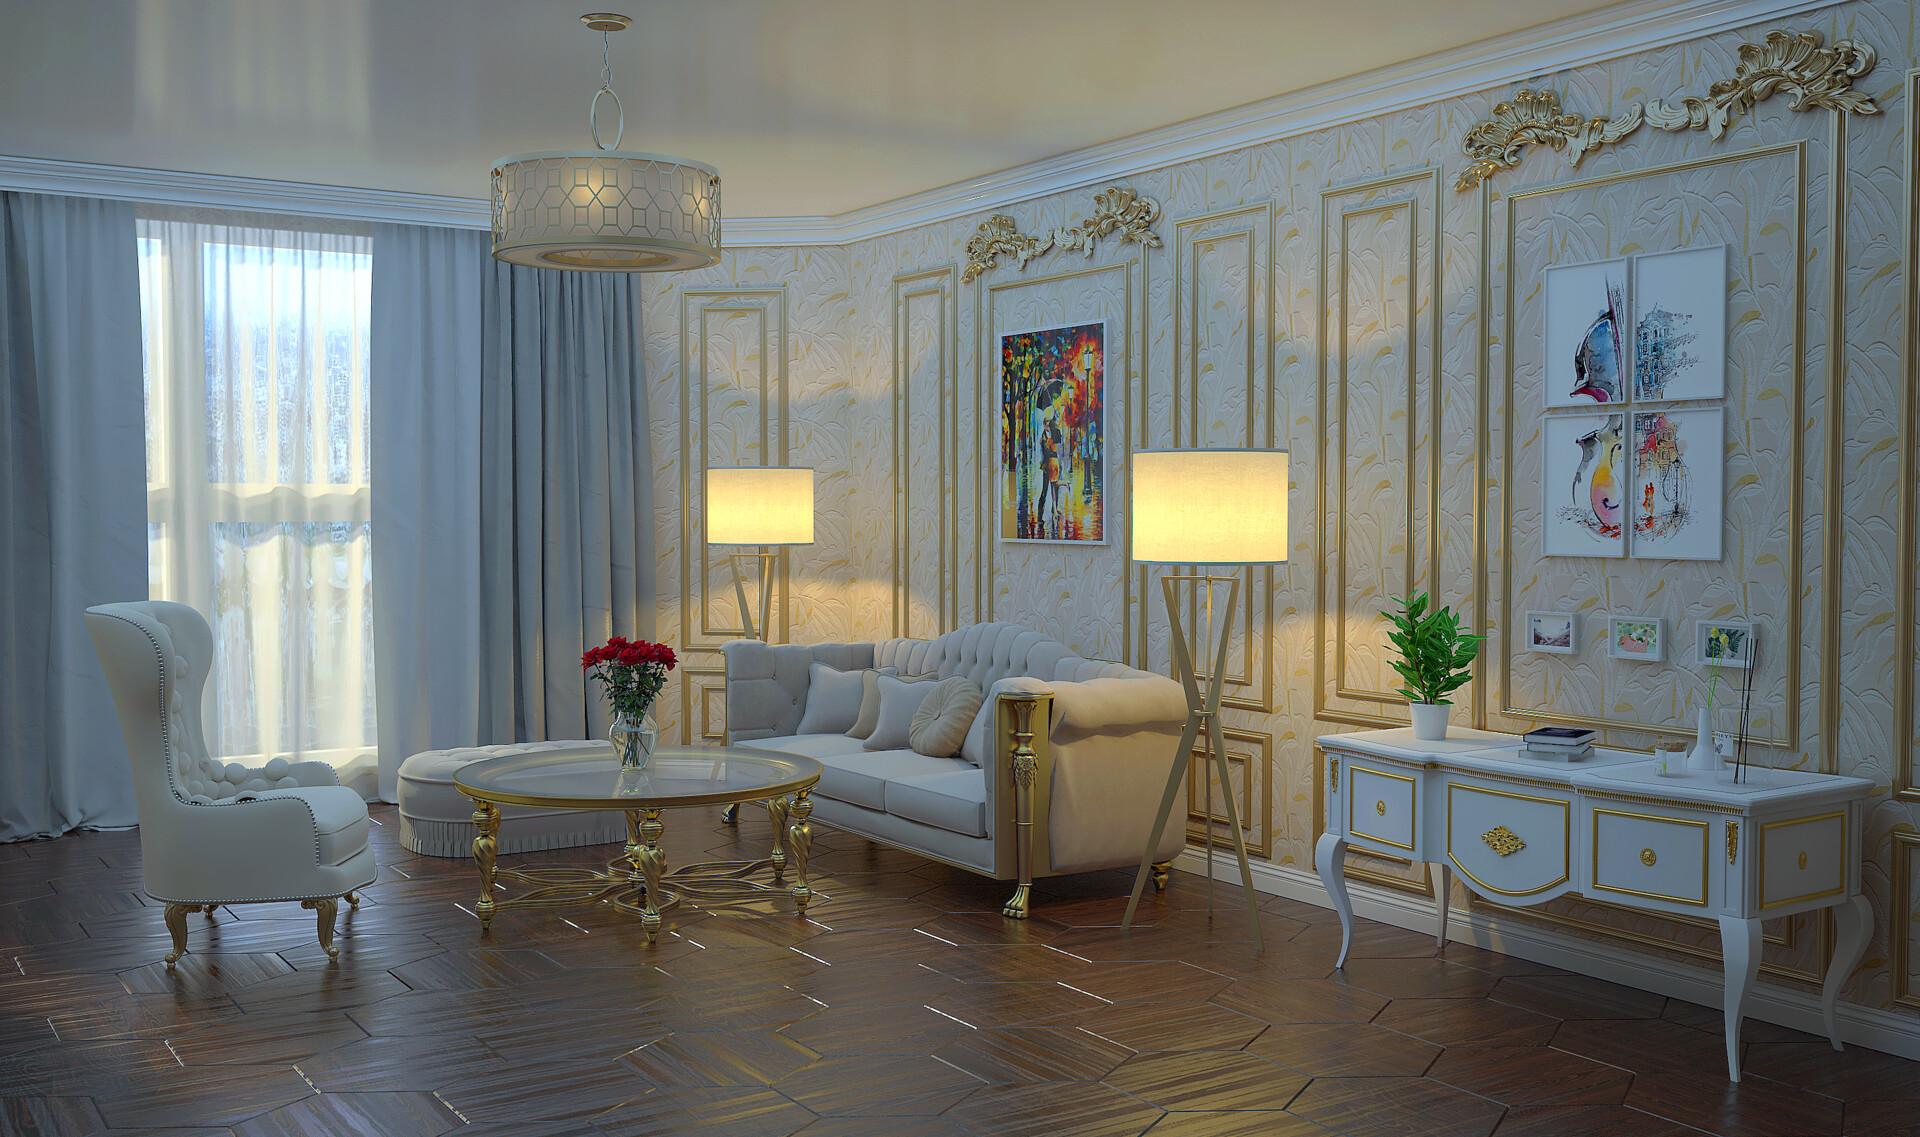 ArtStation - 3D Render - Victorian Living Room, David Lazishvili